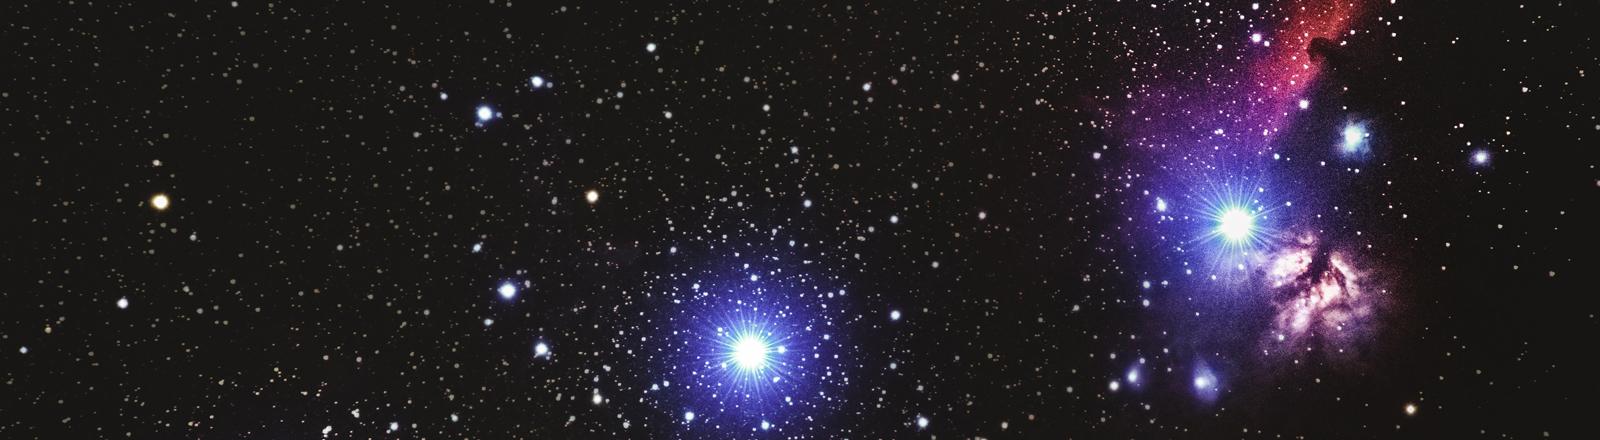 Sterne am Nachtimmel